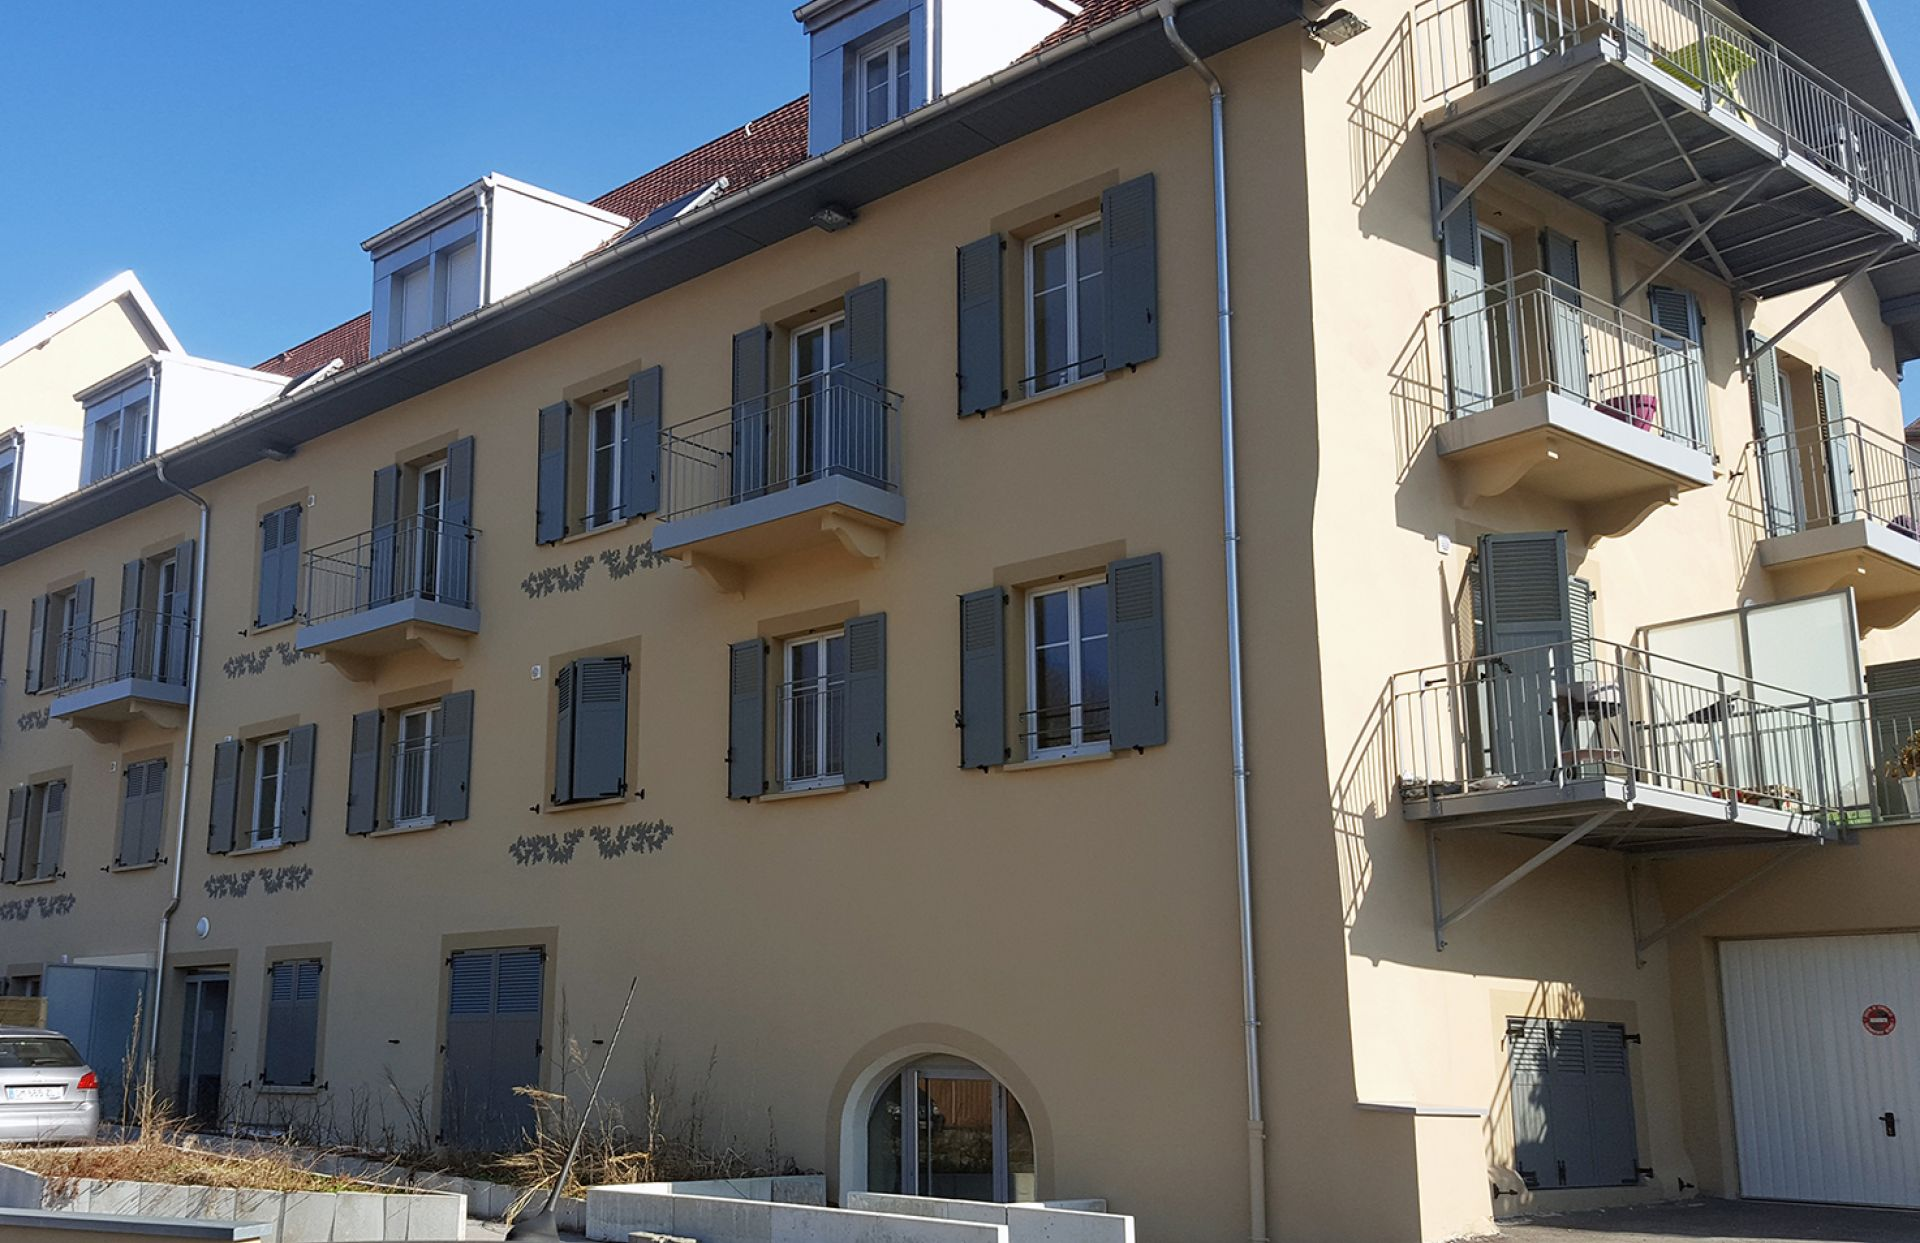 Des appartements à louer à Jougne, à proximité de Lausanne